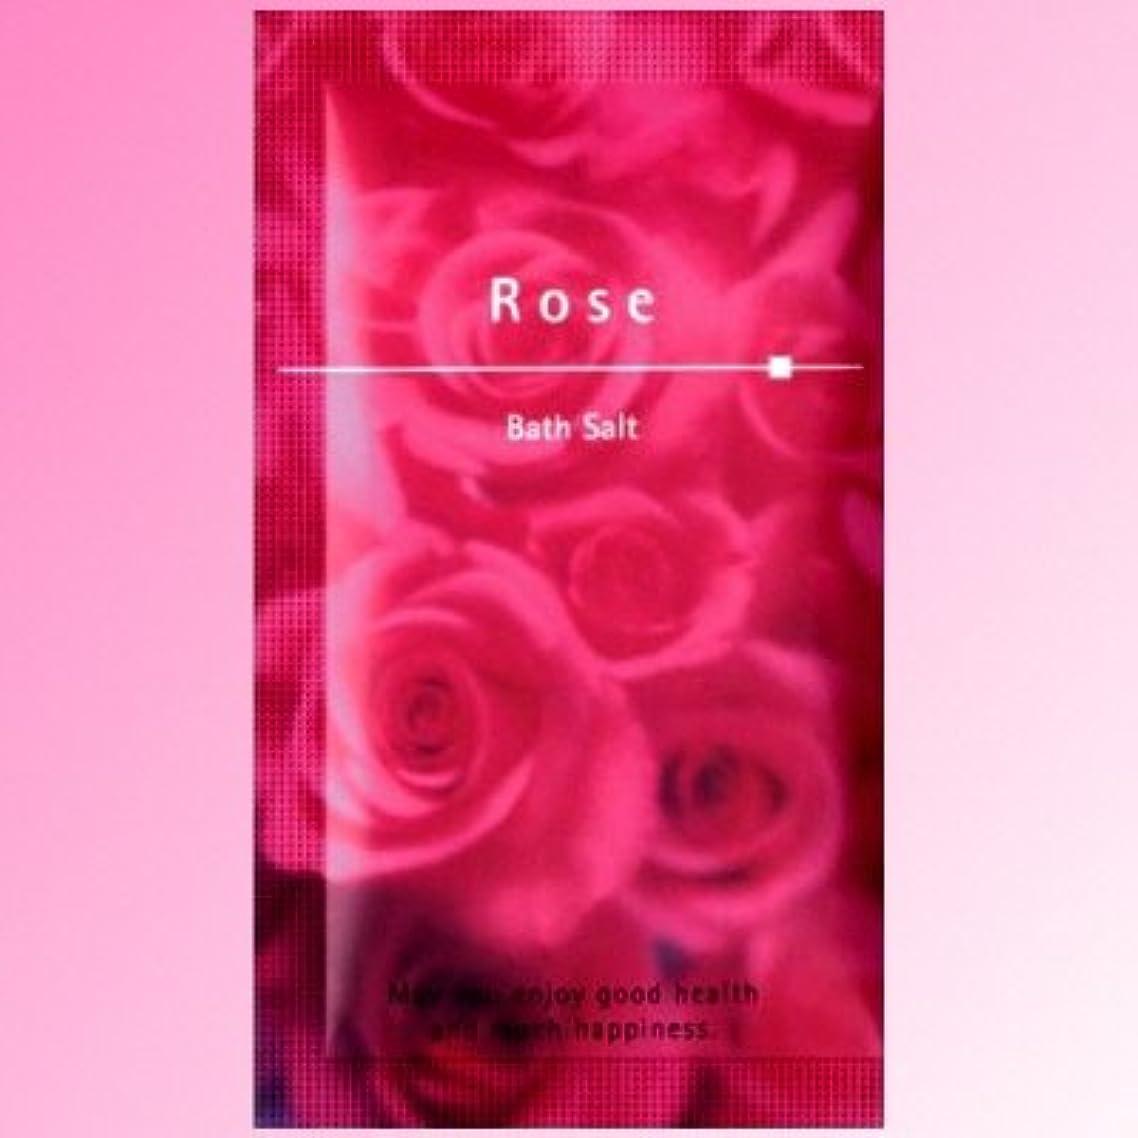 誓い呼び起こすタイマー薔薇の香りの入浴剤 フレグラントガーデン ローズ